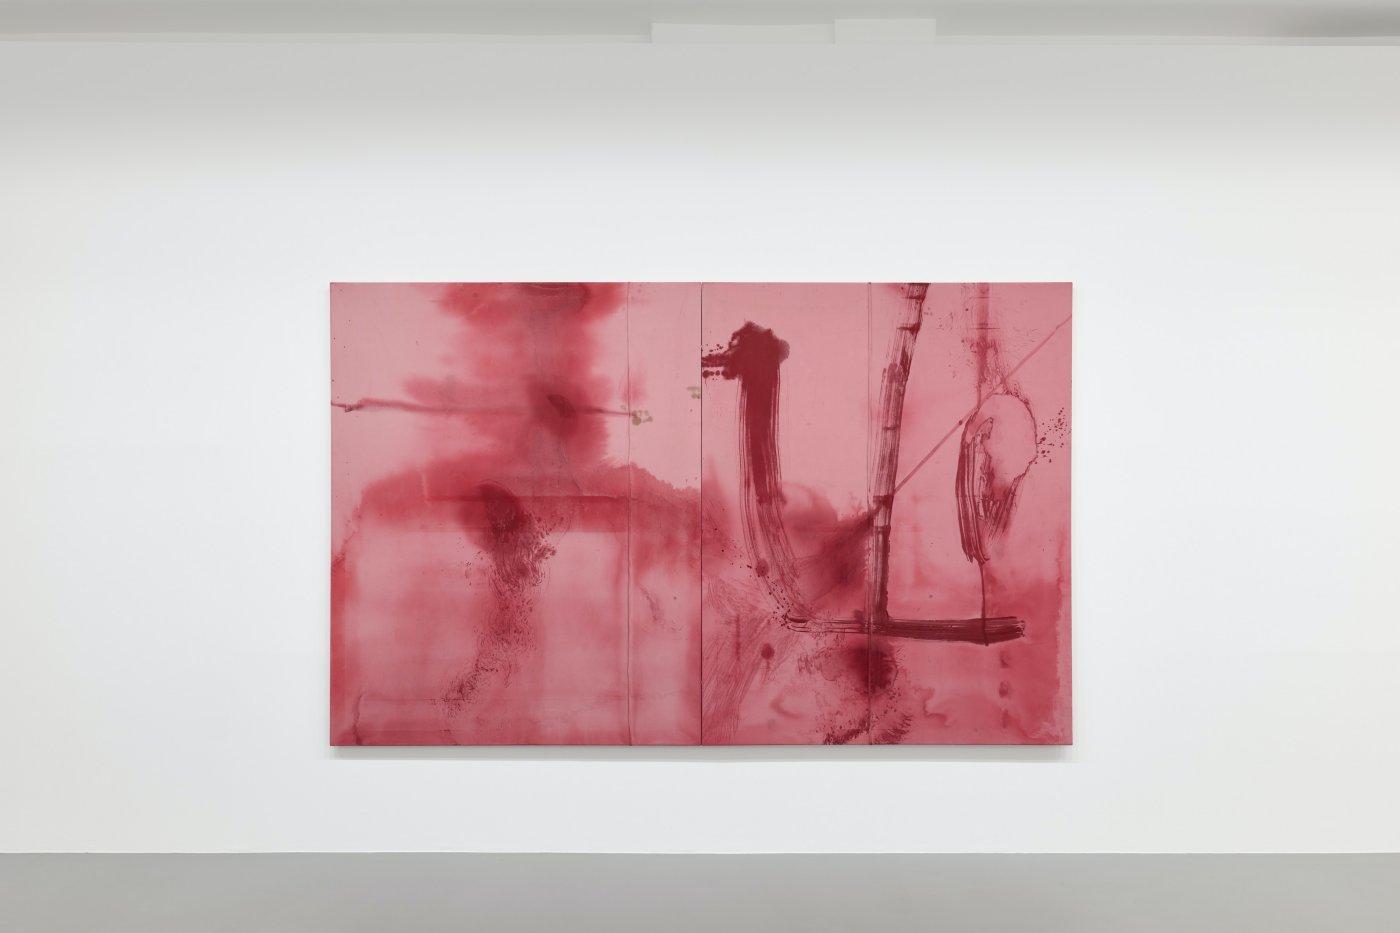 Galerie Max Hetzler Julian Schnabel 9